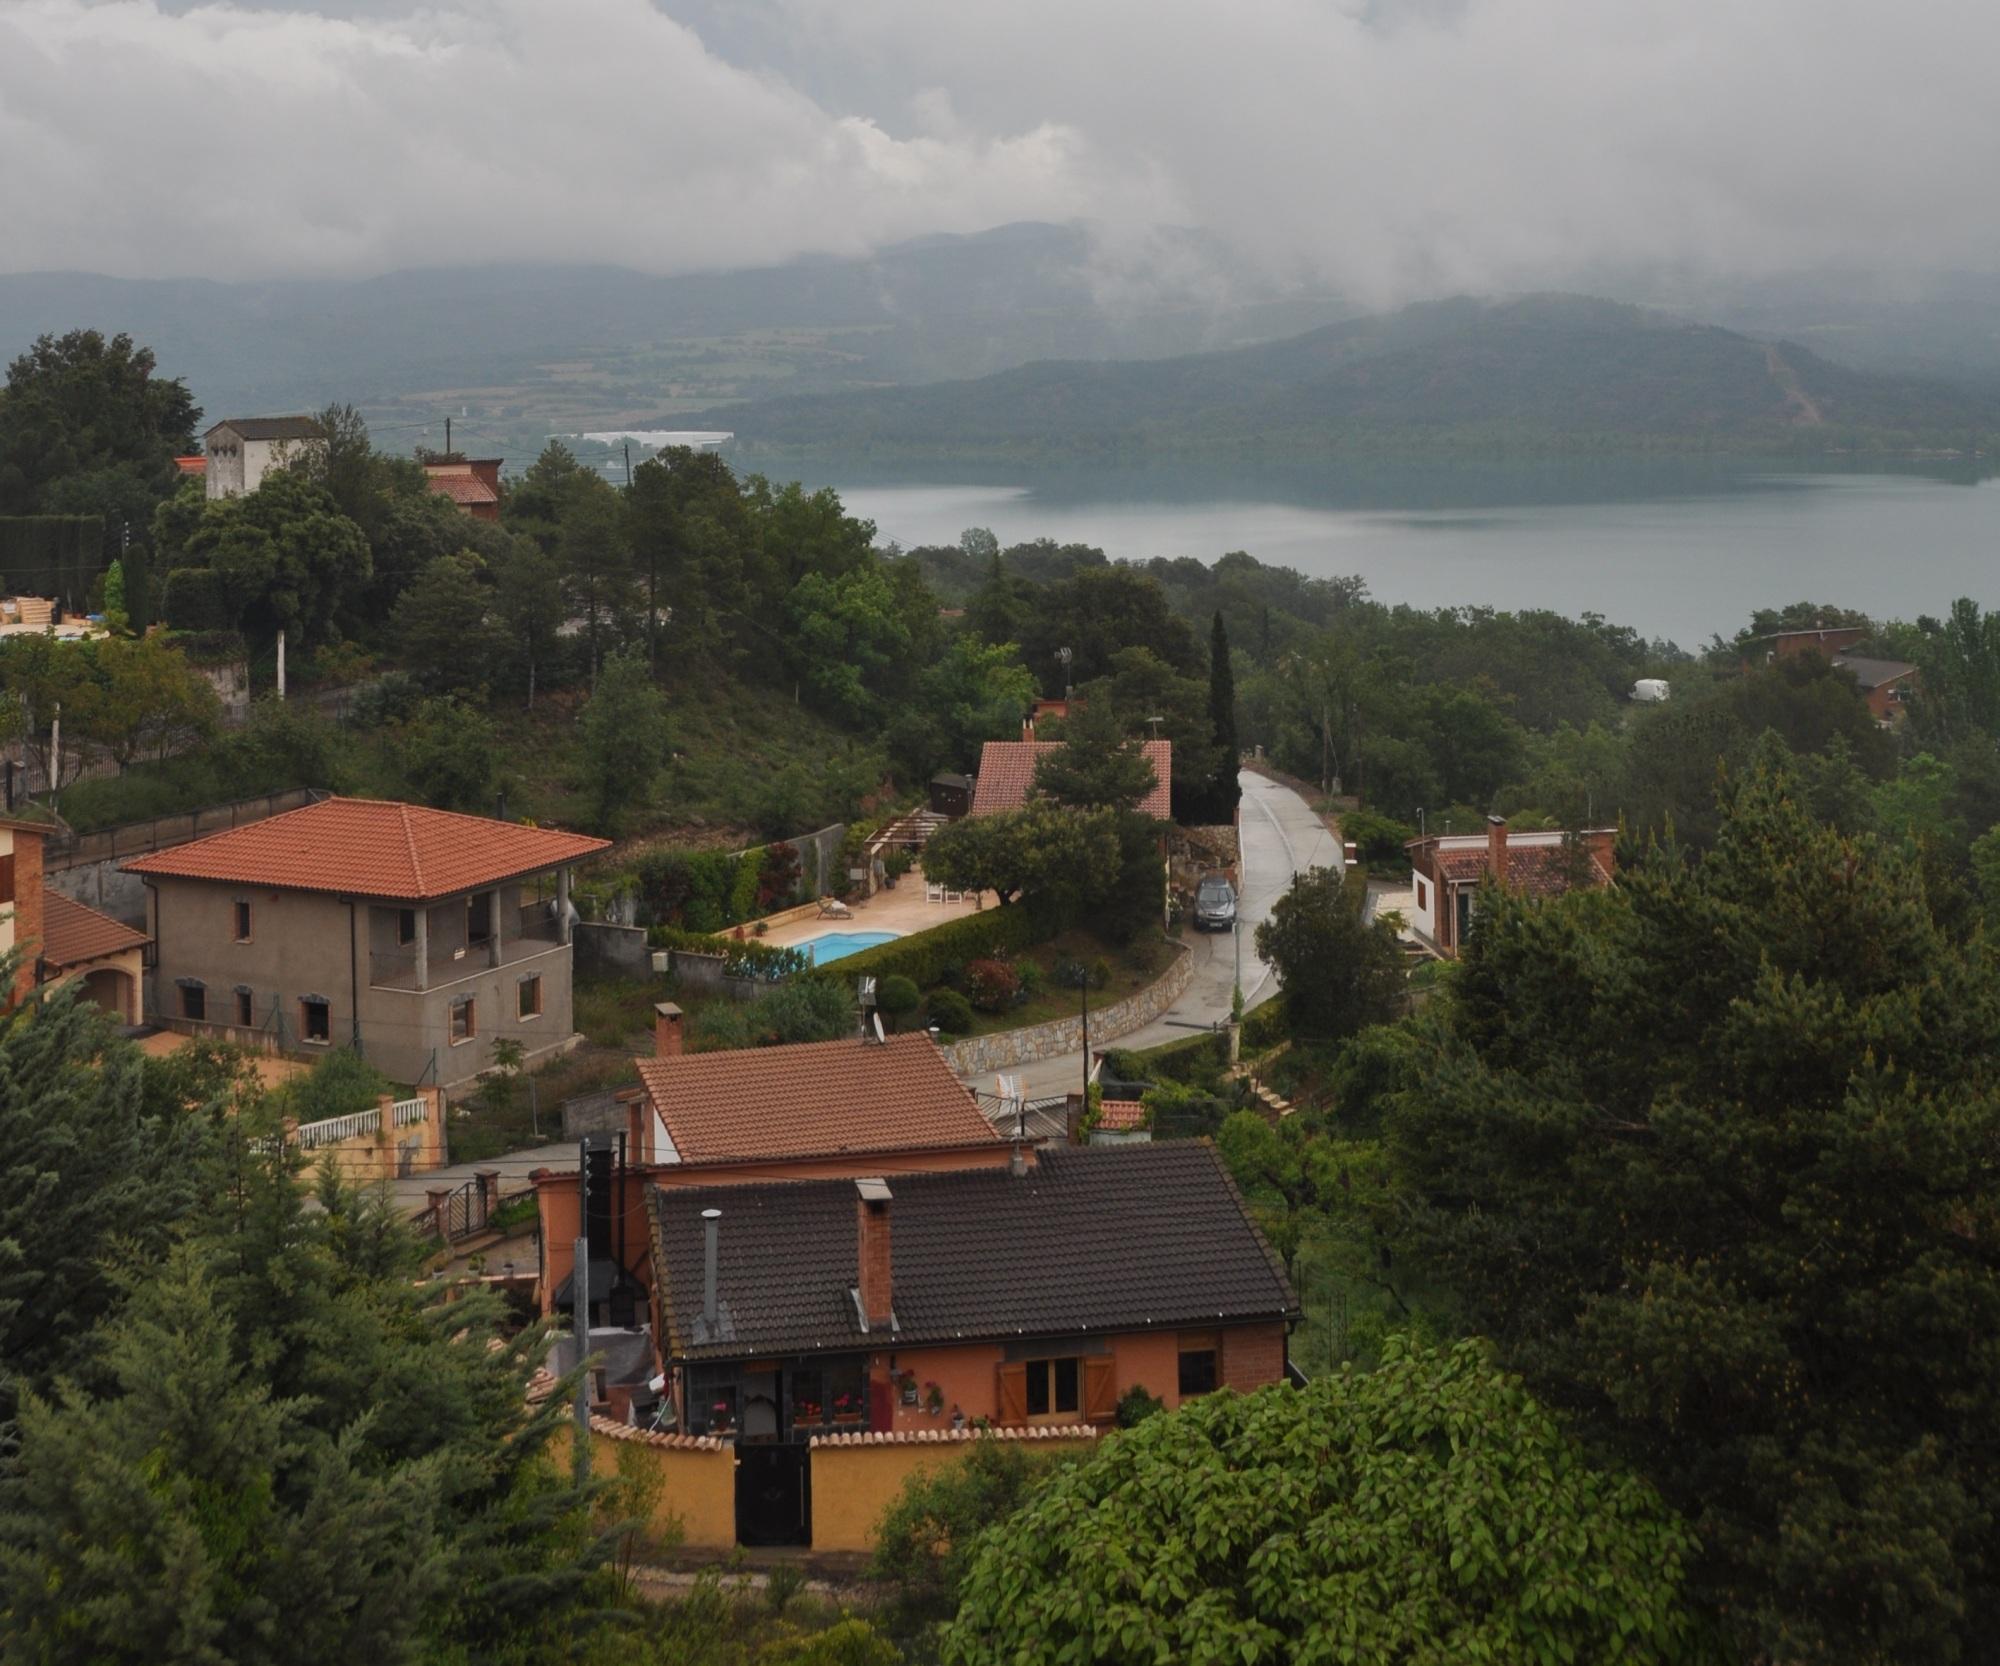 turismo rural con encanto en el pirineo aragones